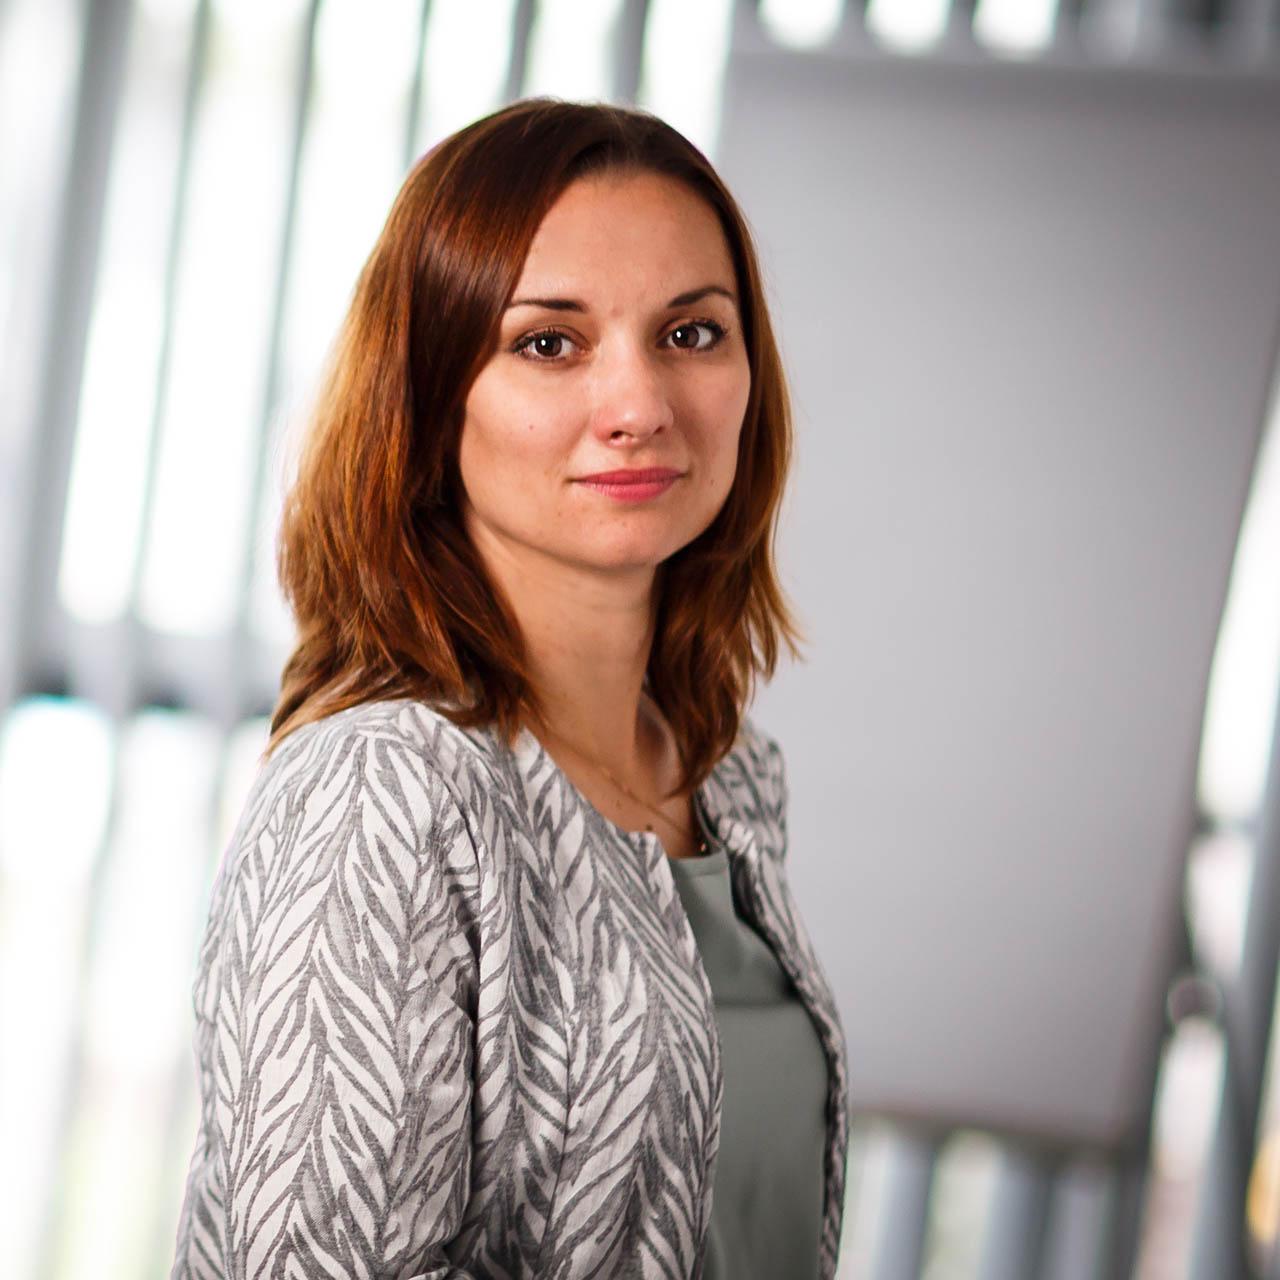 Olga Kessler